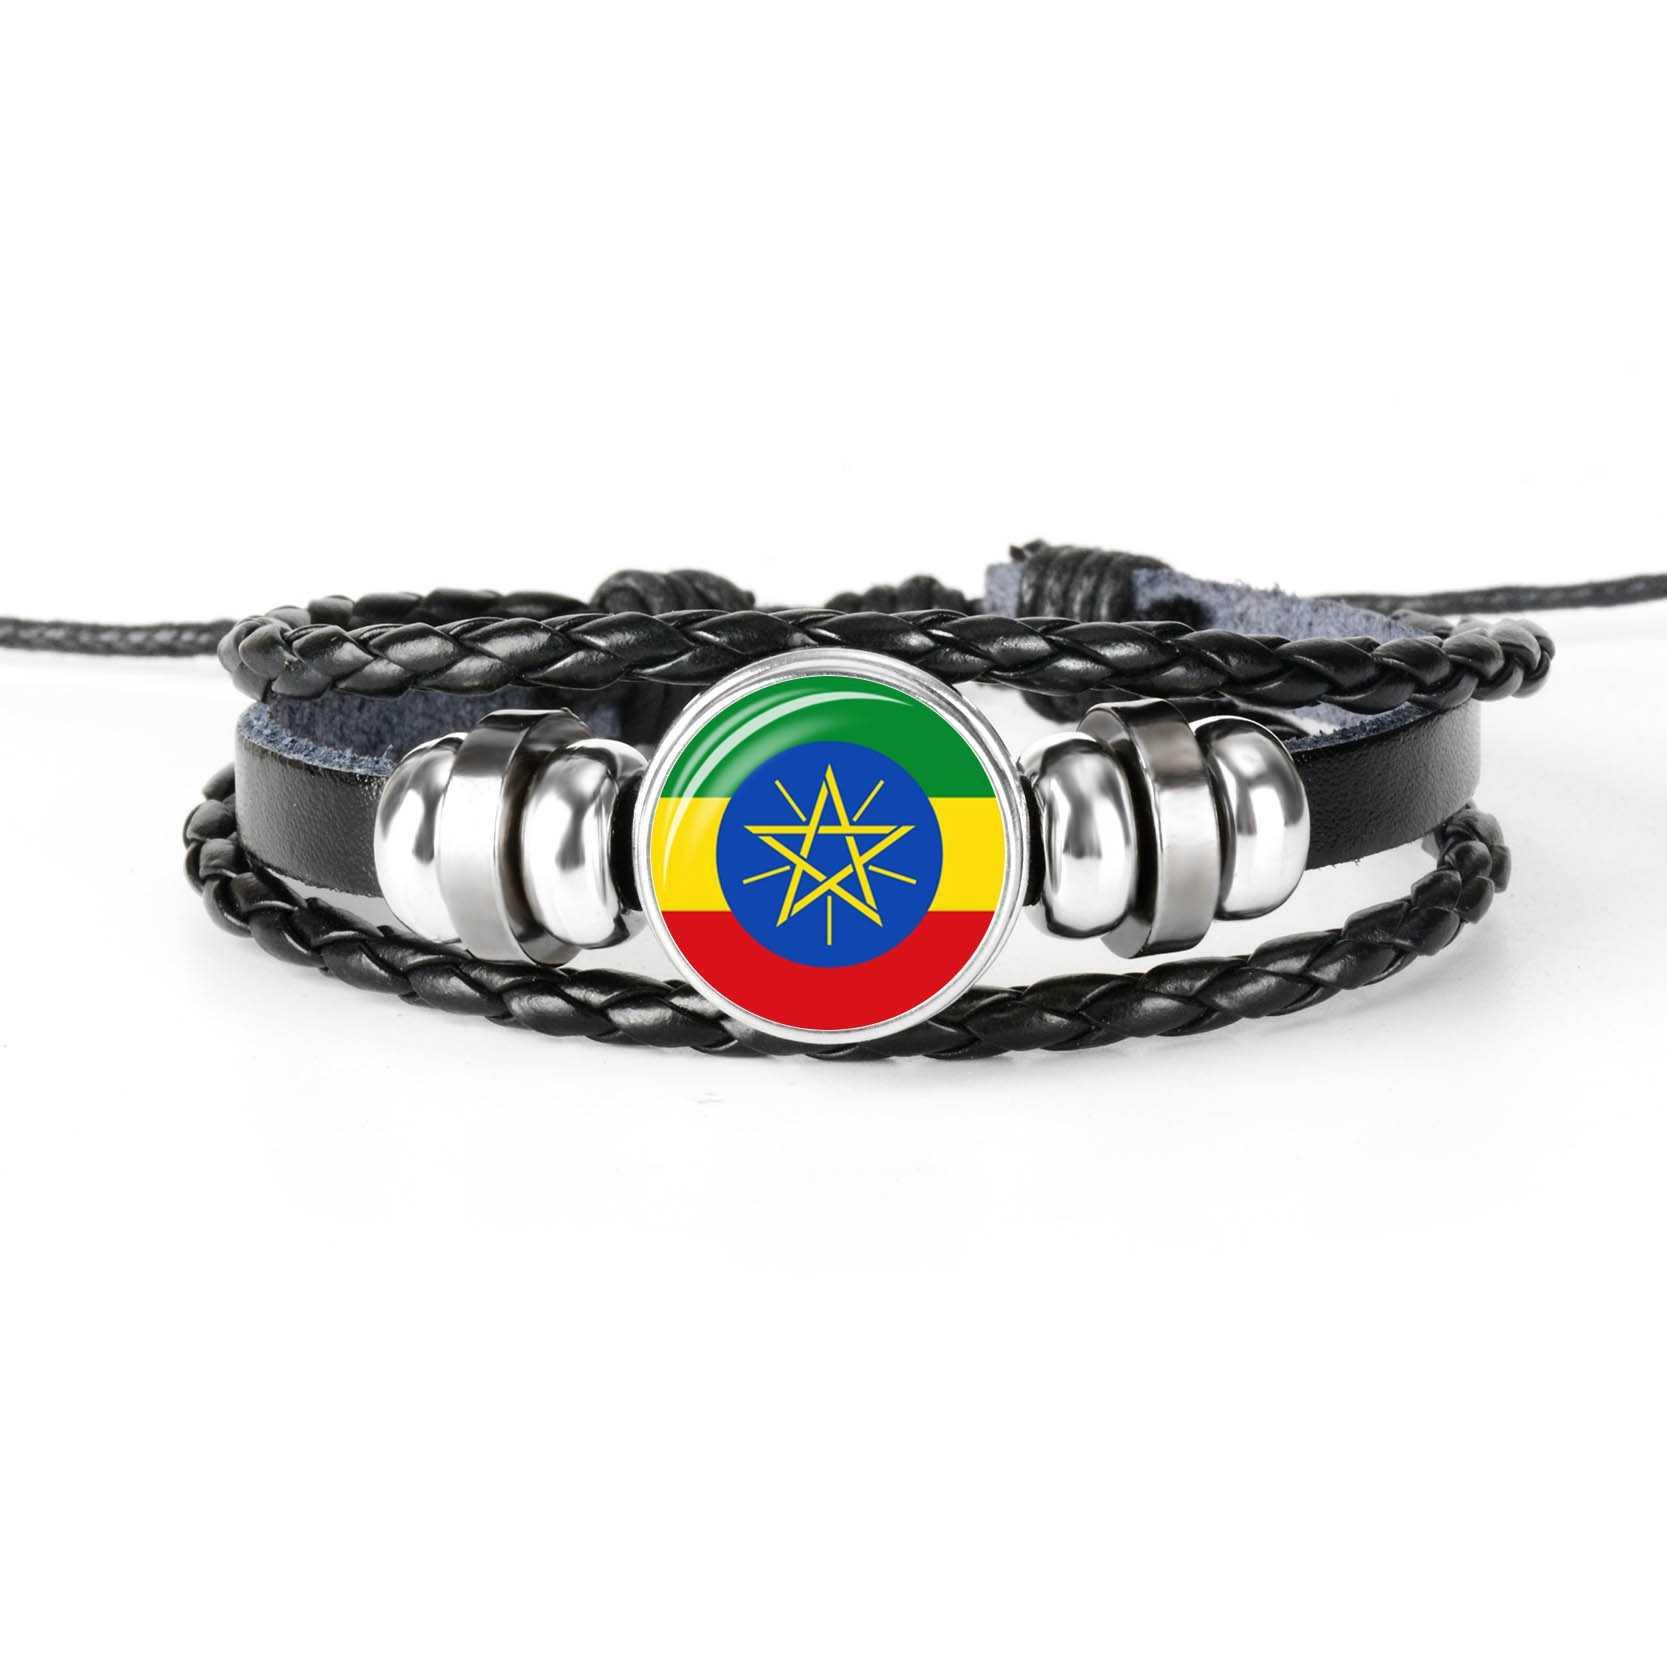 โซมาเลีย ERITREA บุรุนดีเคนยาเซเชลส์ East Africa National Flag สร้อยข้อมือลูกปัดผู้ชายผู้หญิงแก้ว Cabochon สร้อยข้อมือหนัง